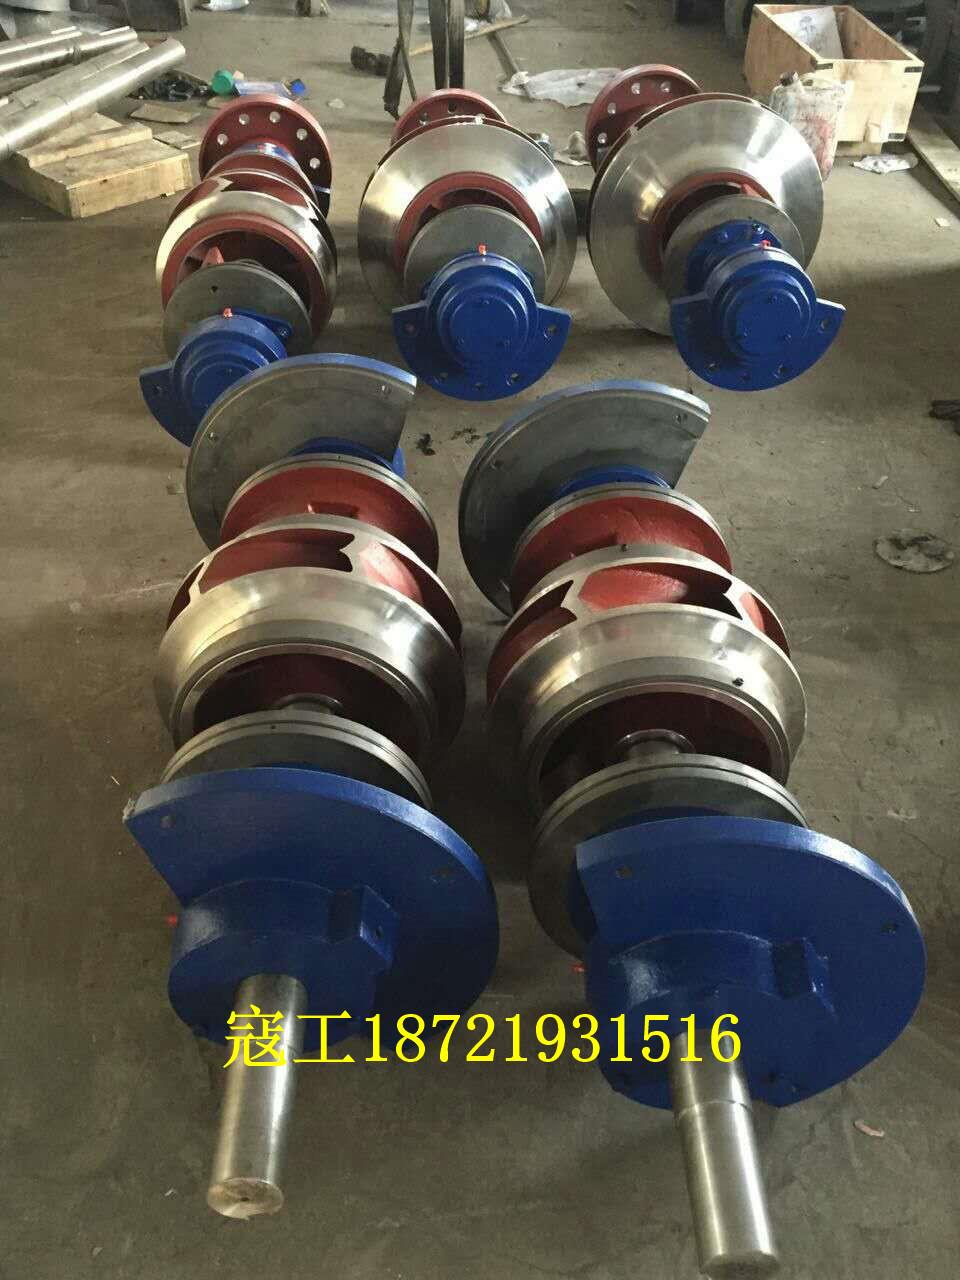 上海凯泉KQSN东方DFSS连成SLOW水泵叶轮机封 西藏拉萨销售